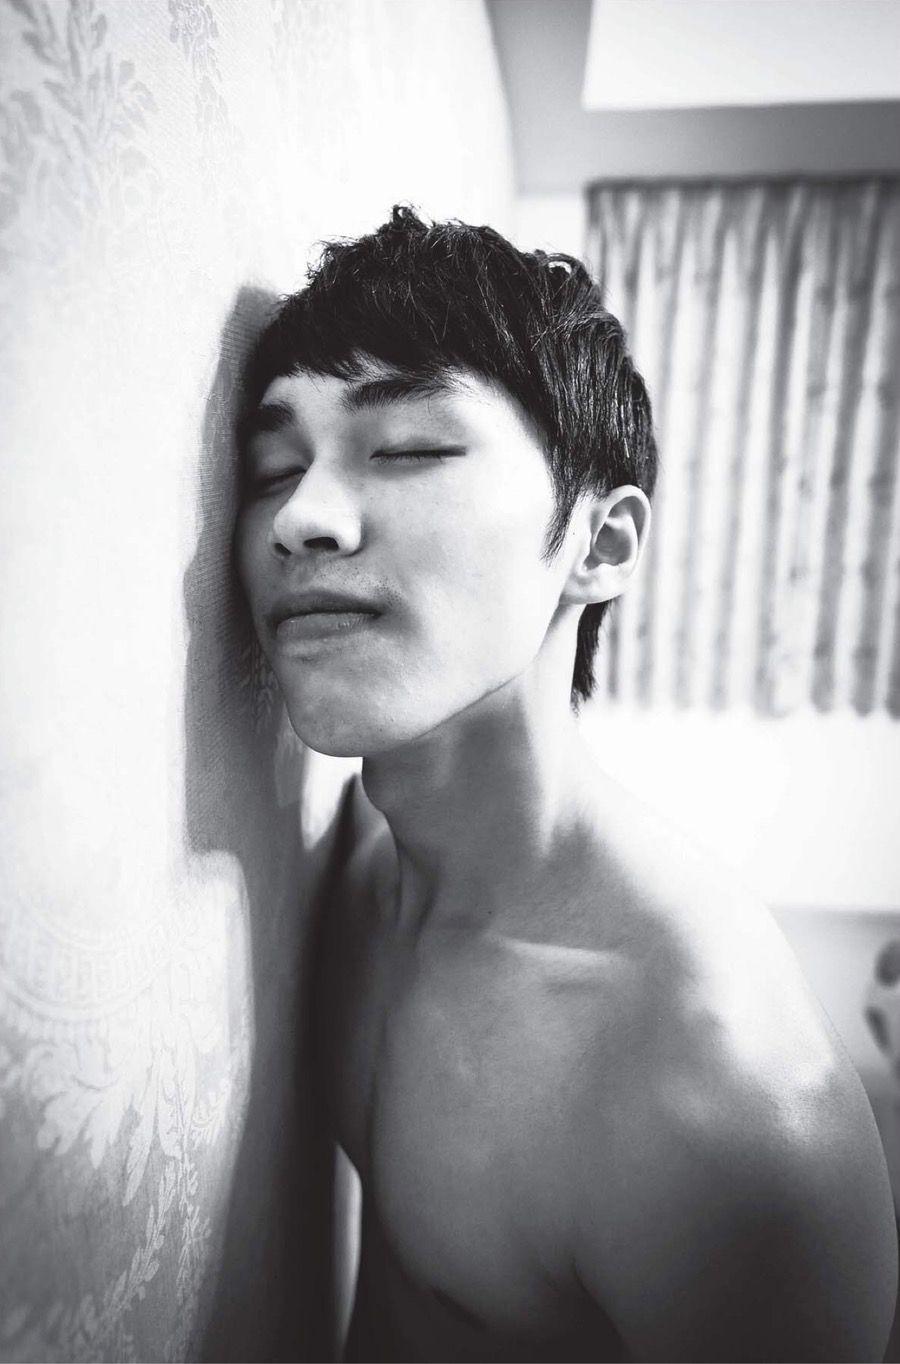 【写真】《天使男》 第1期  我的台湾天使男友